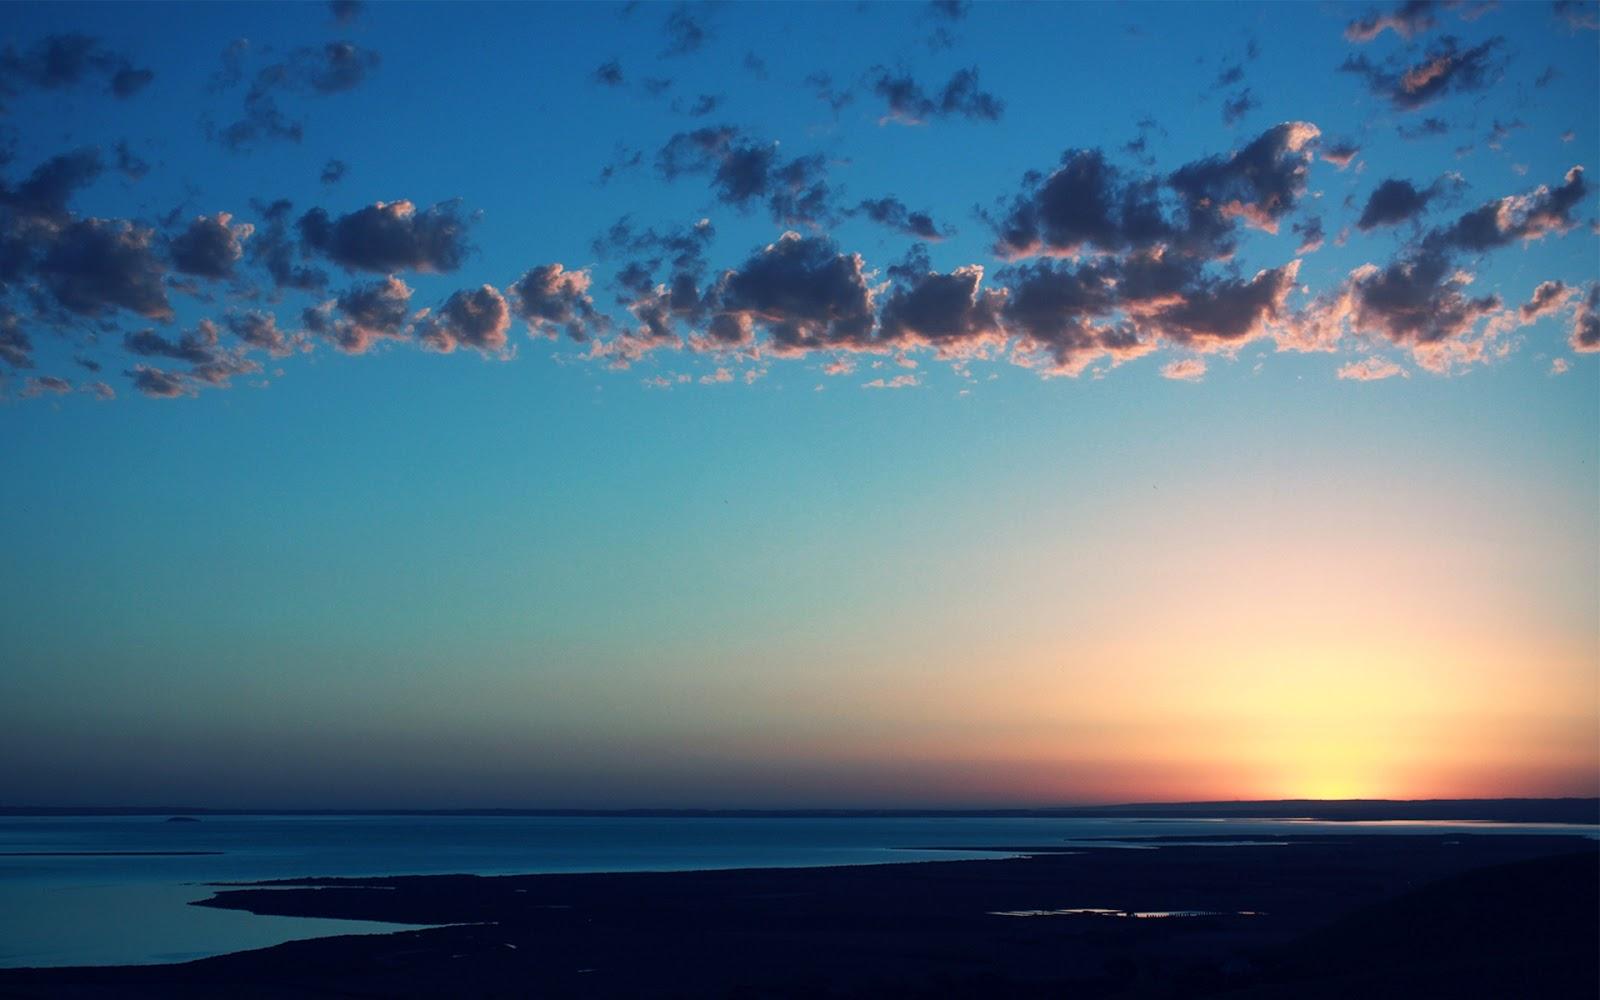 Красочные и яркие закаты на море  прекрасные фотографии и